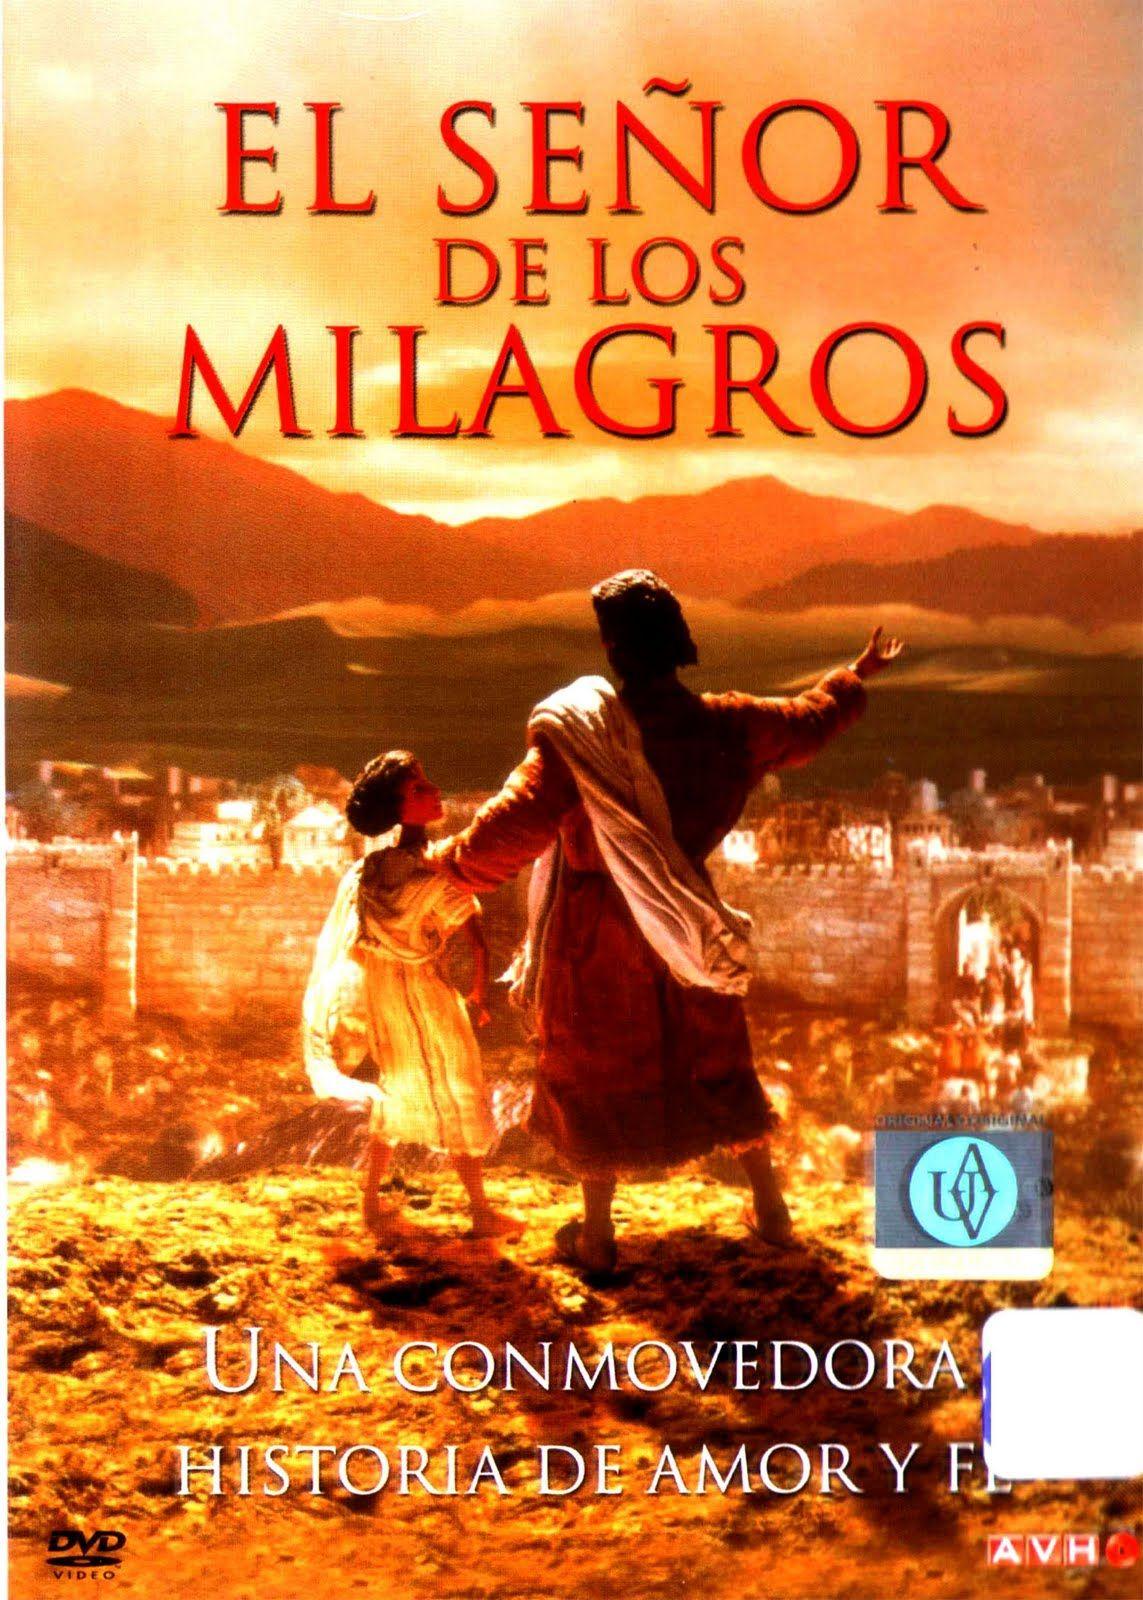 Pin De Nathalia Suarez En Peliculas En Dvd Blu Ray Milagros Parábolas De Jesús Hombres